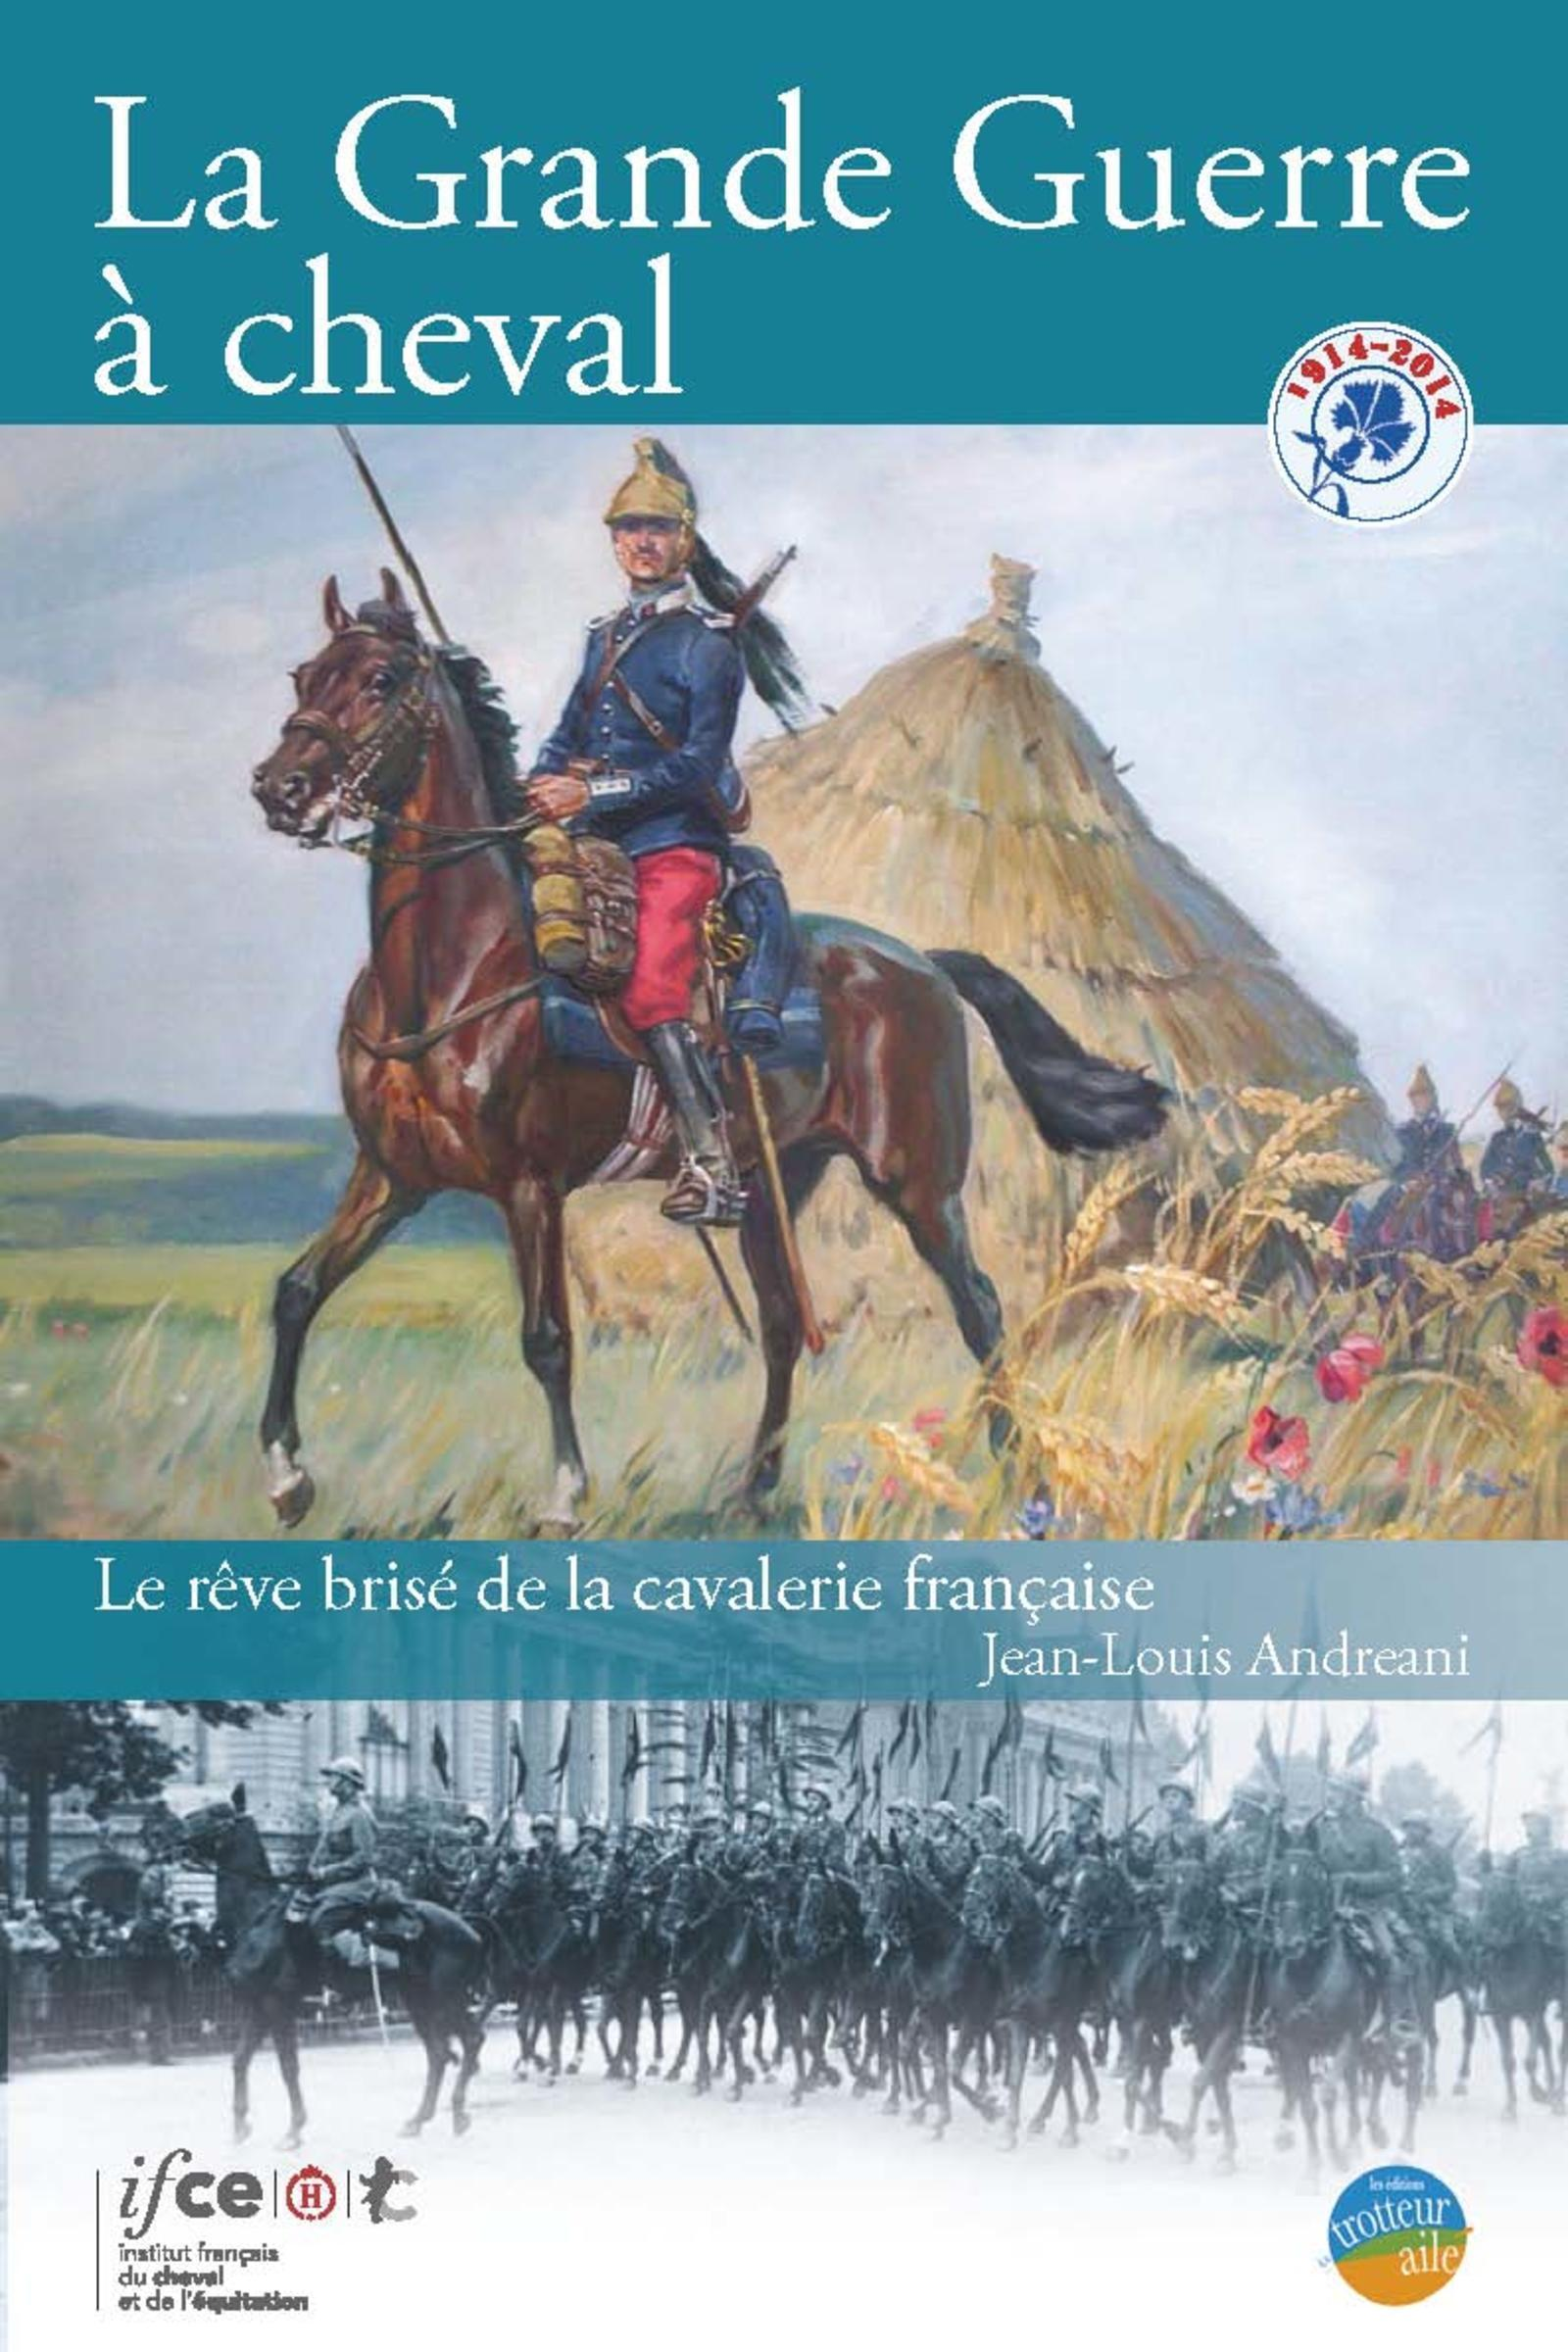 LA GRANDE GUERRE A CHEVAL LE REVE BRISE DE LA CAVALERIE FRANCAISE